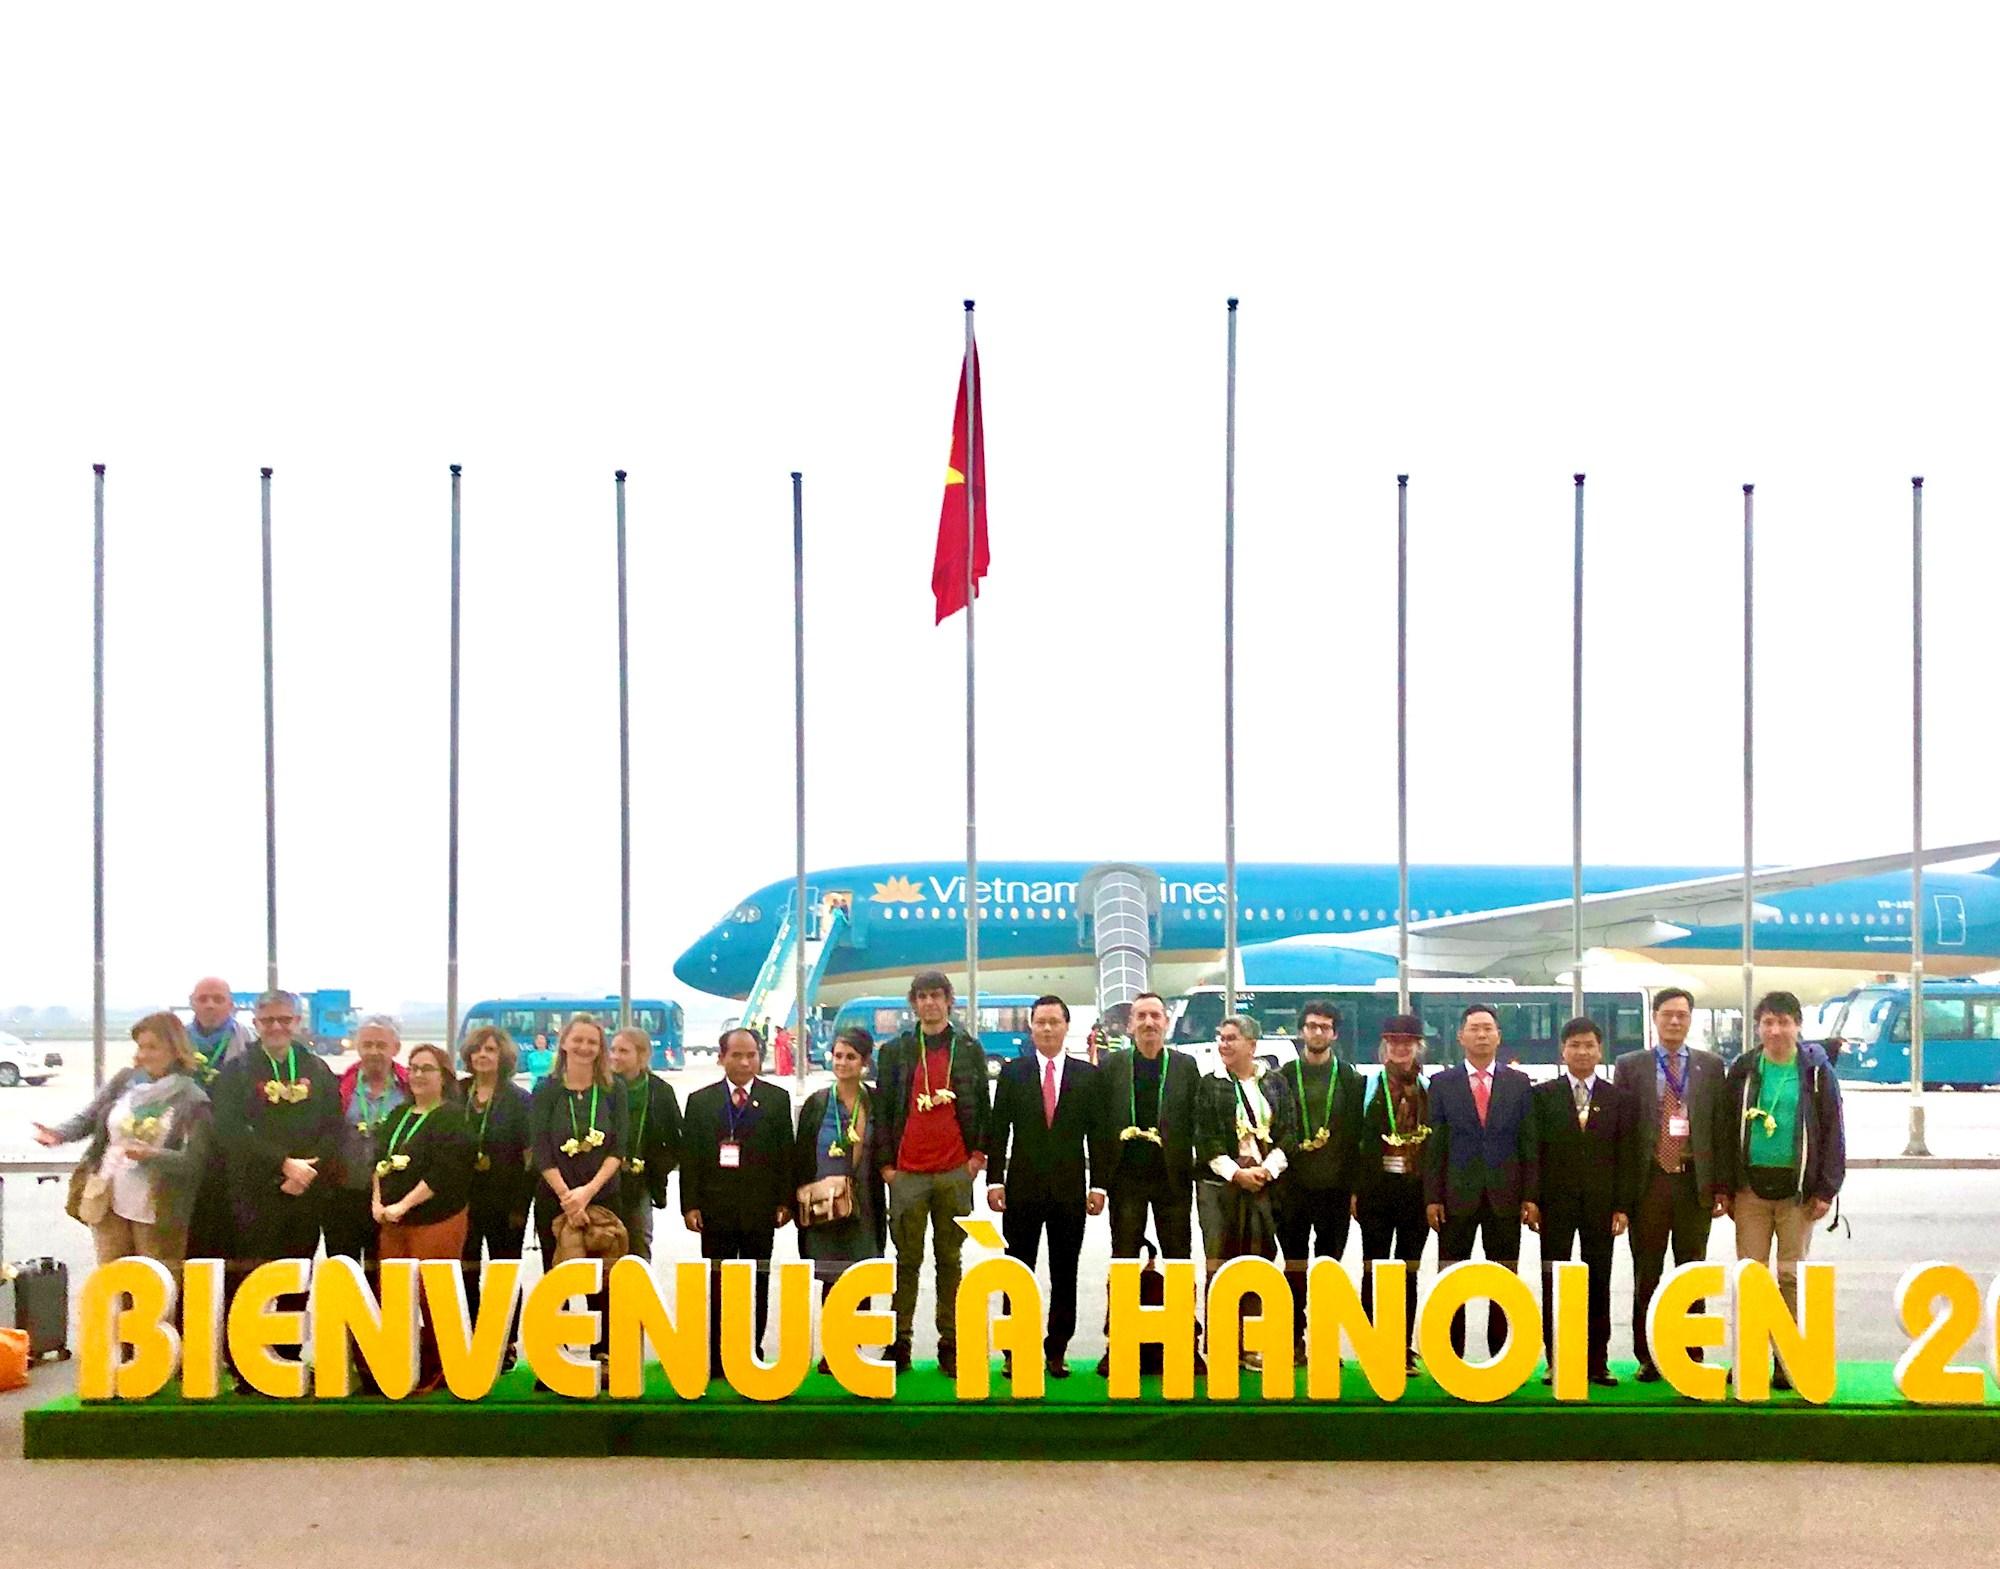 Khách quốc tế đến Việt Nam đạt mức kỷ lục gần 2 triệu lượt trong tháng 1/2020